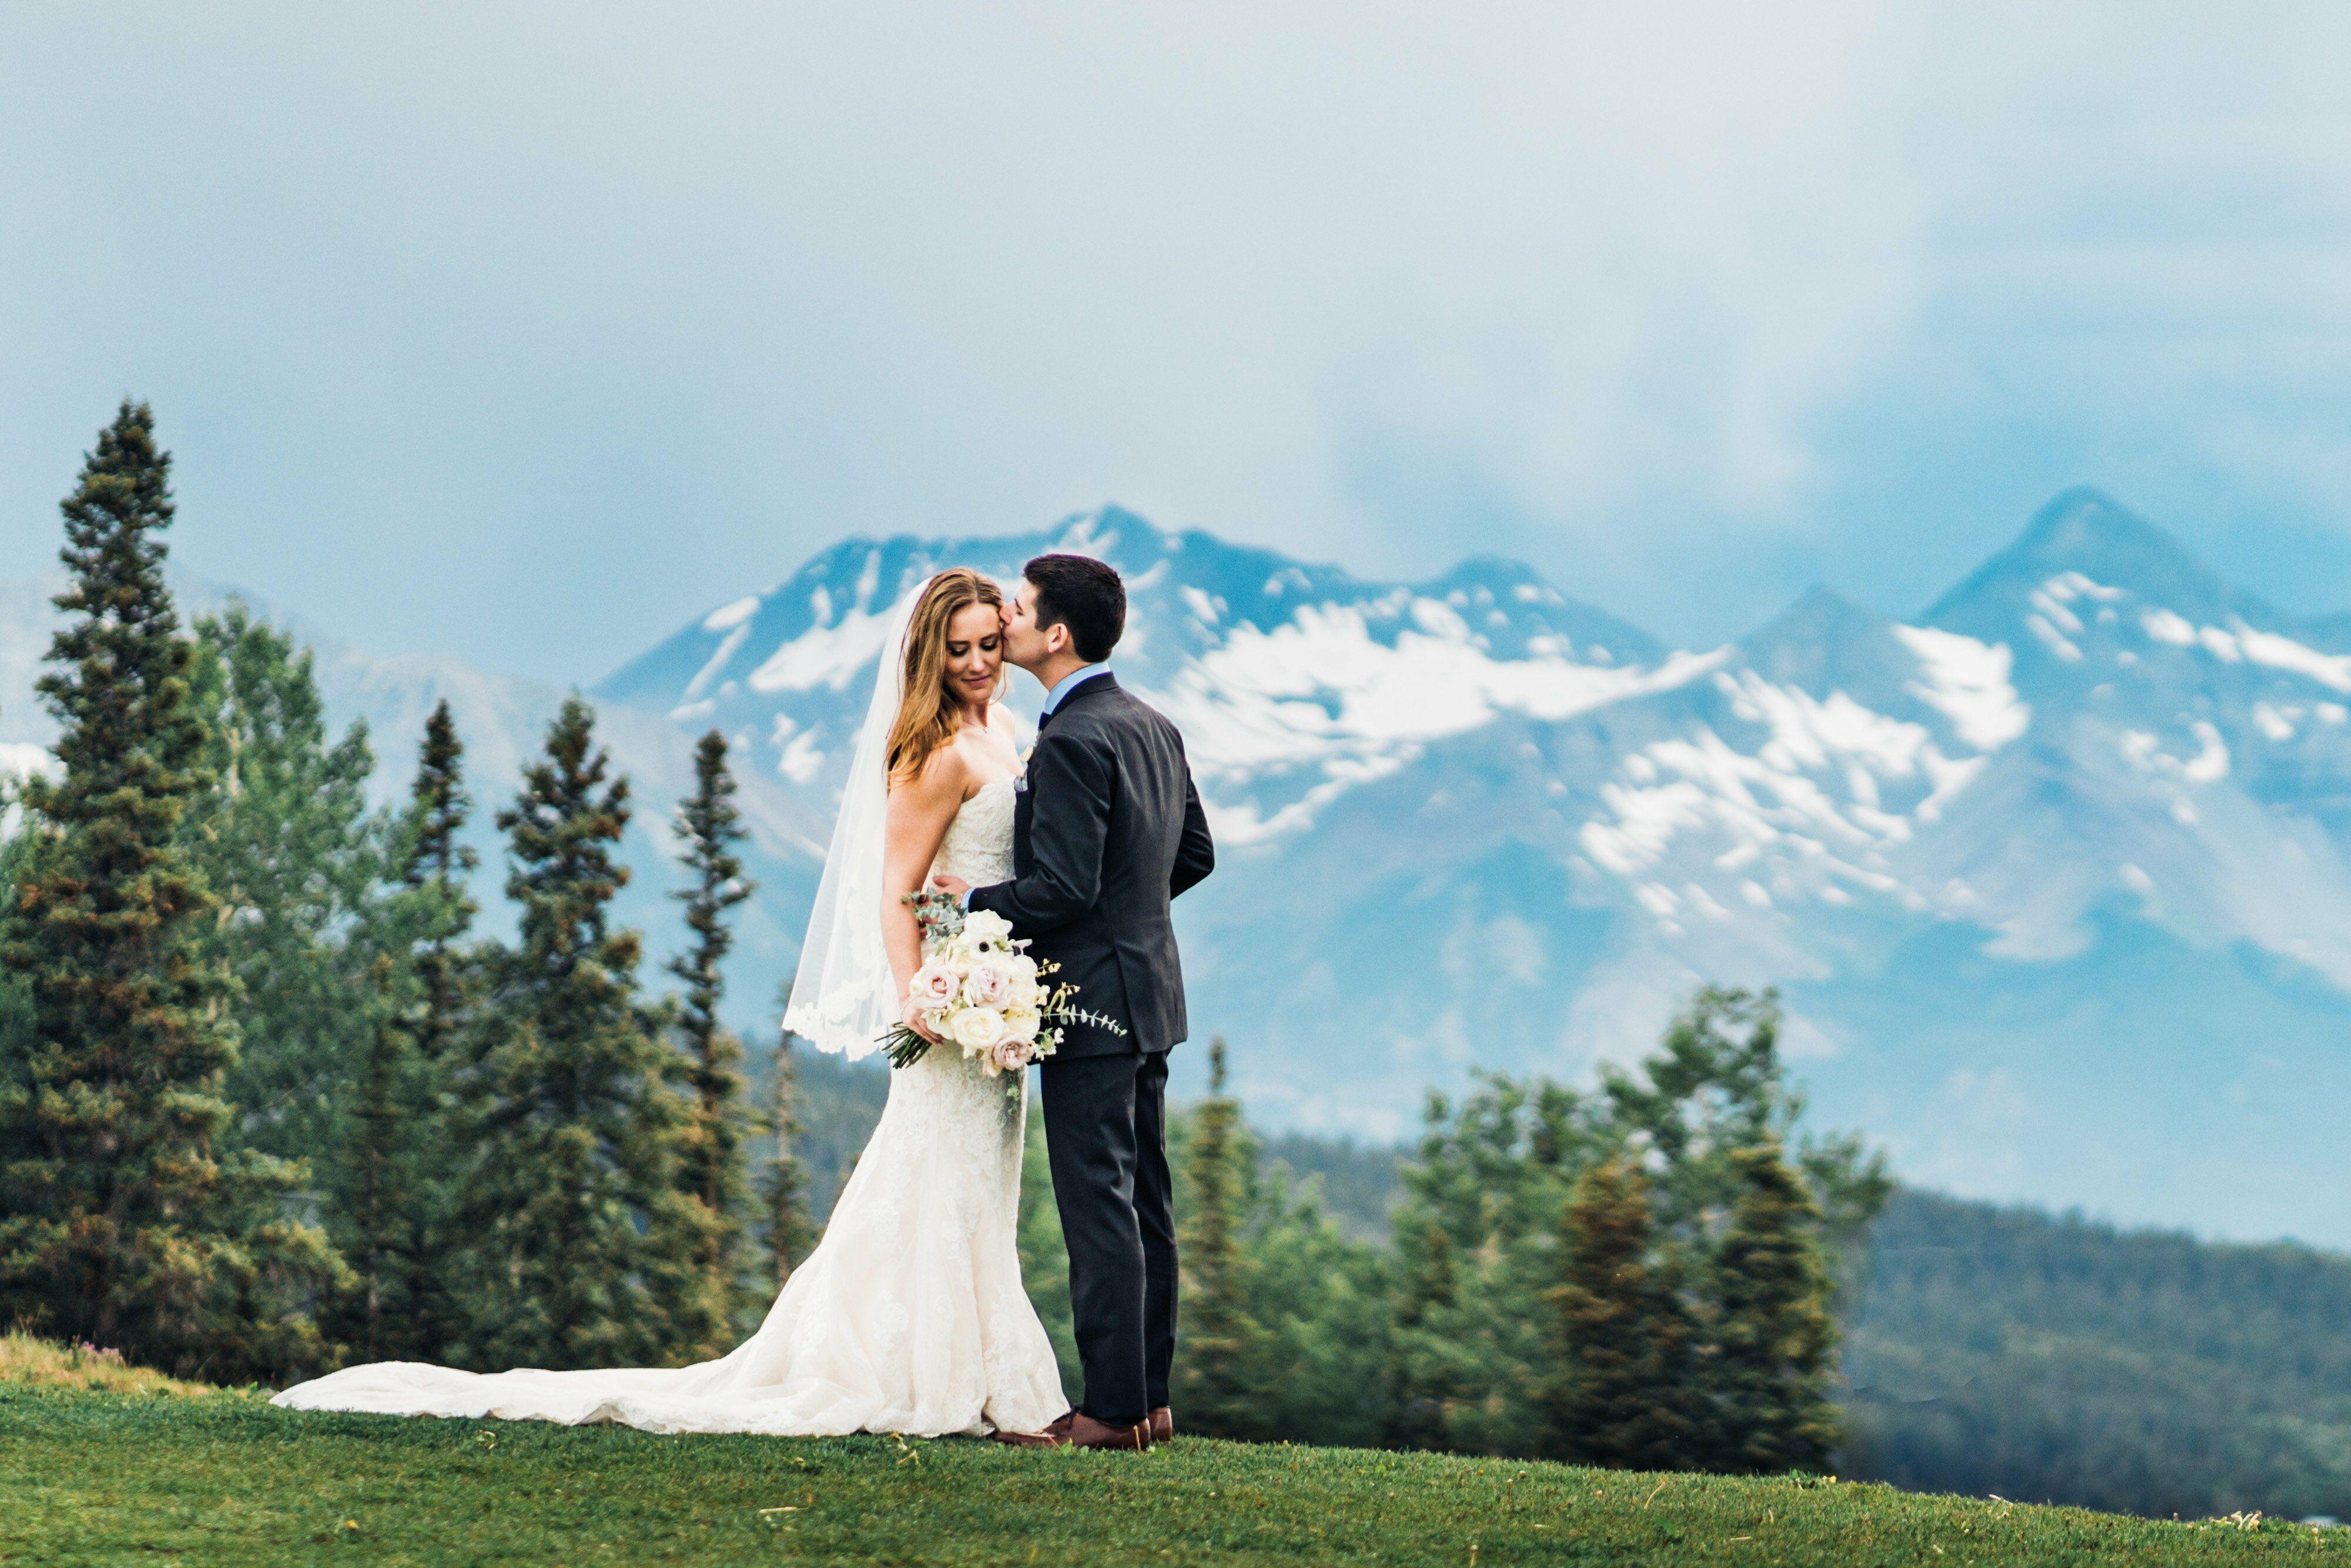 Blue Linden Weddings & Events - Littleton, CO